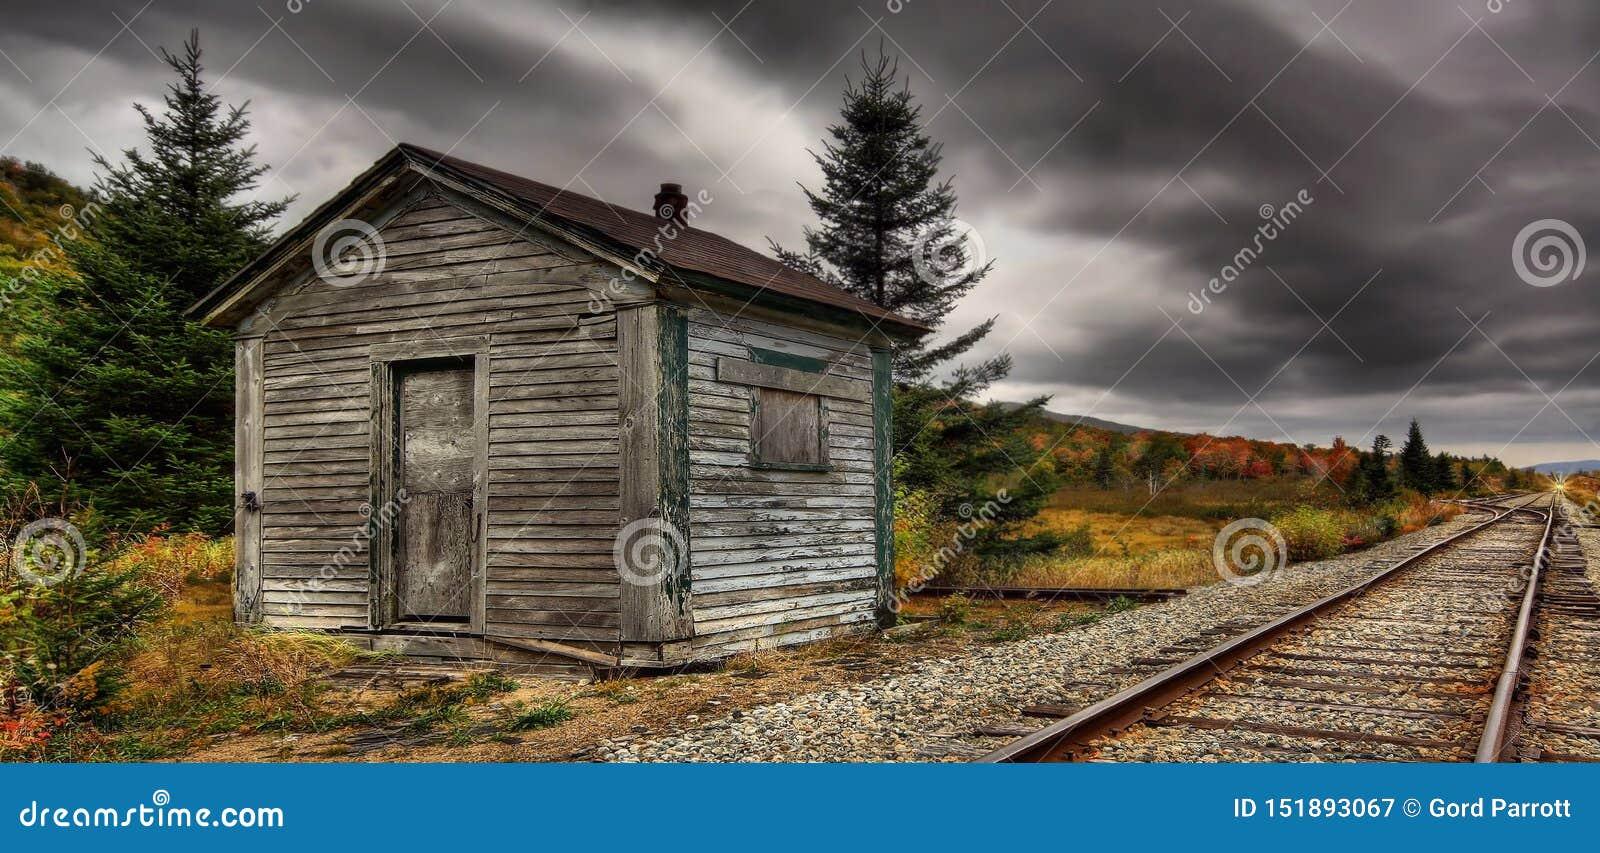 Zug nähert sich Abstellgleise im Herbst